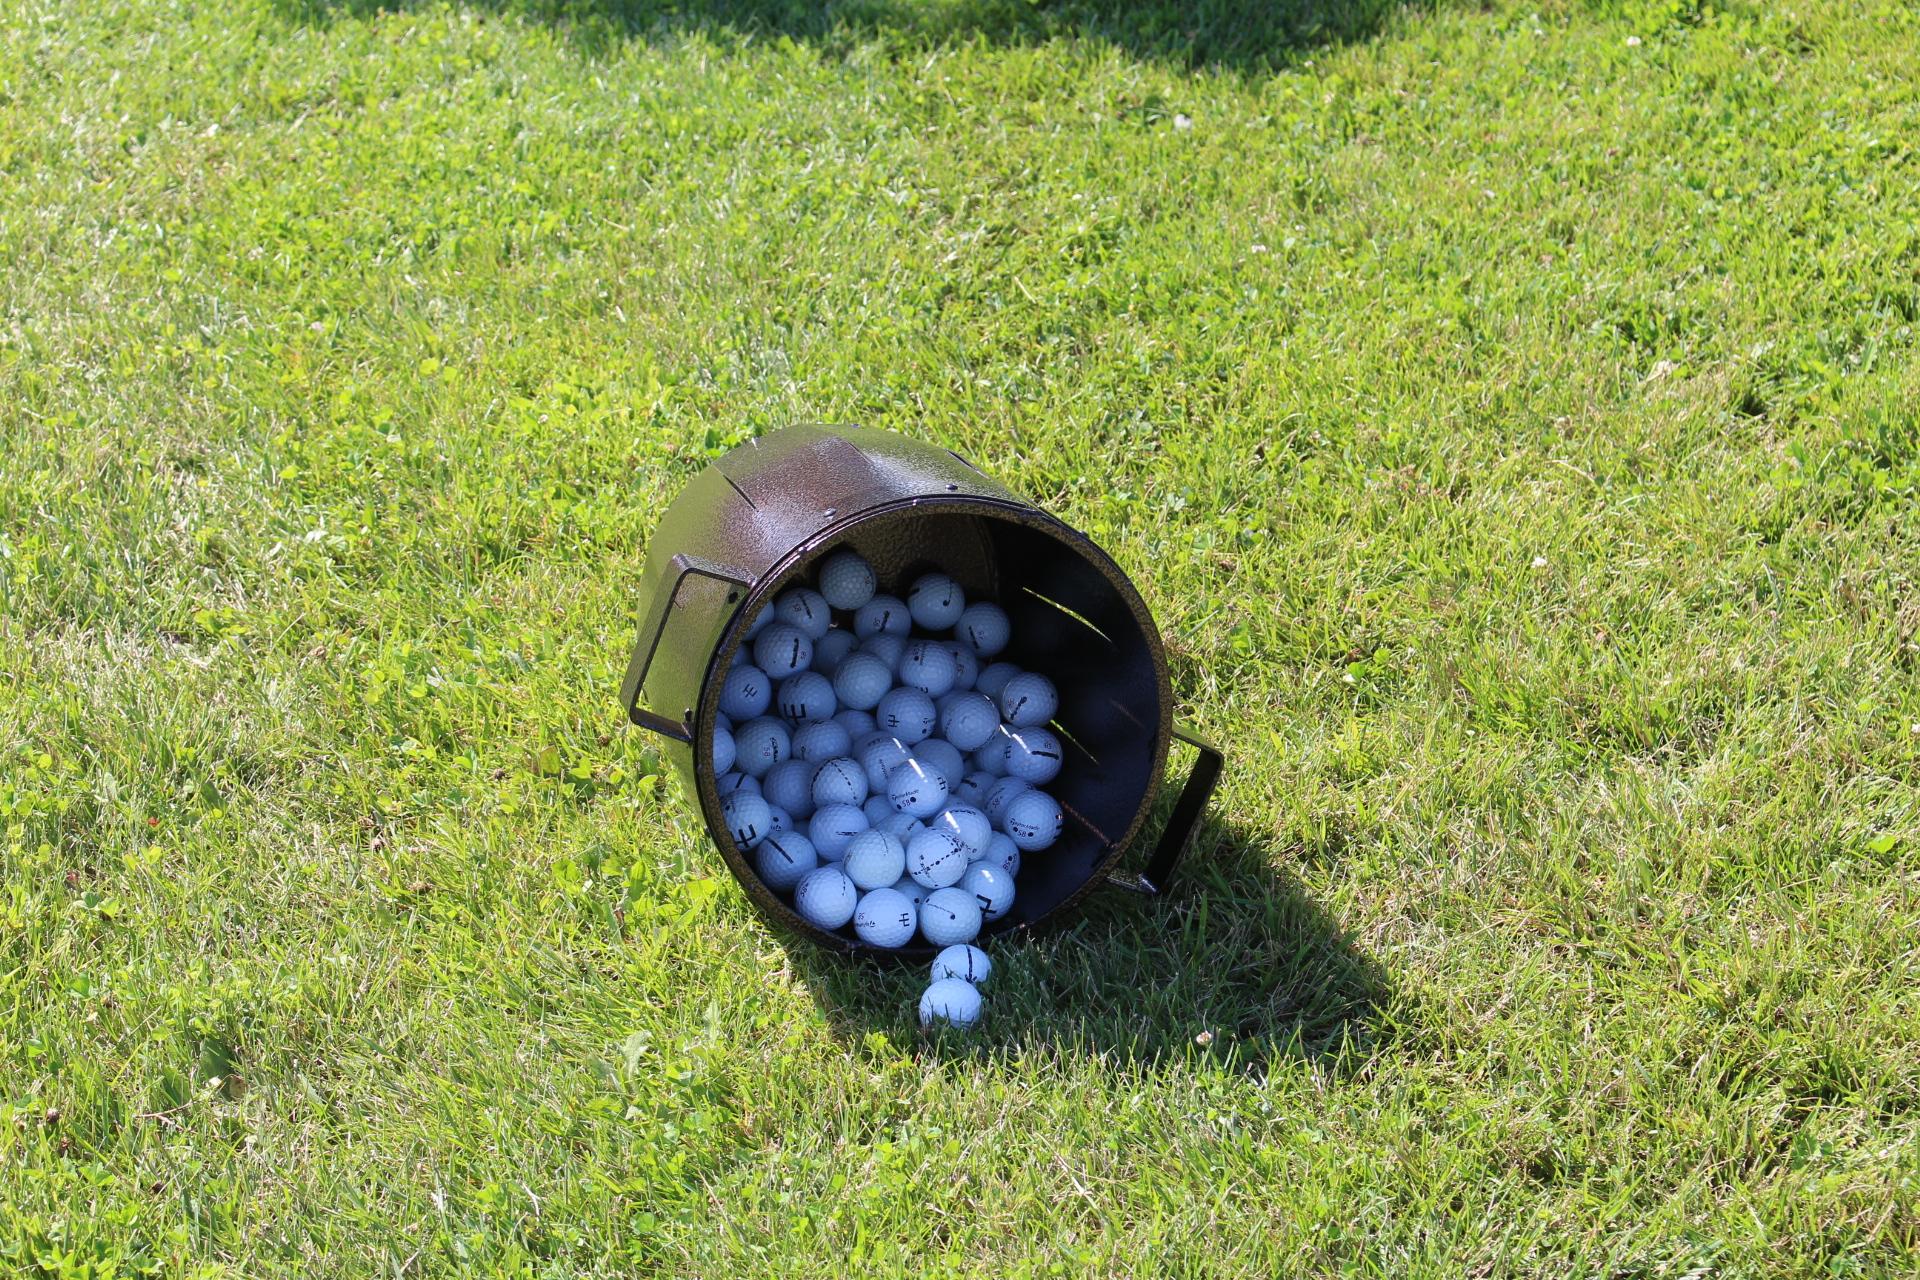 Shady-Oaks-Ball-Bucket-3